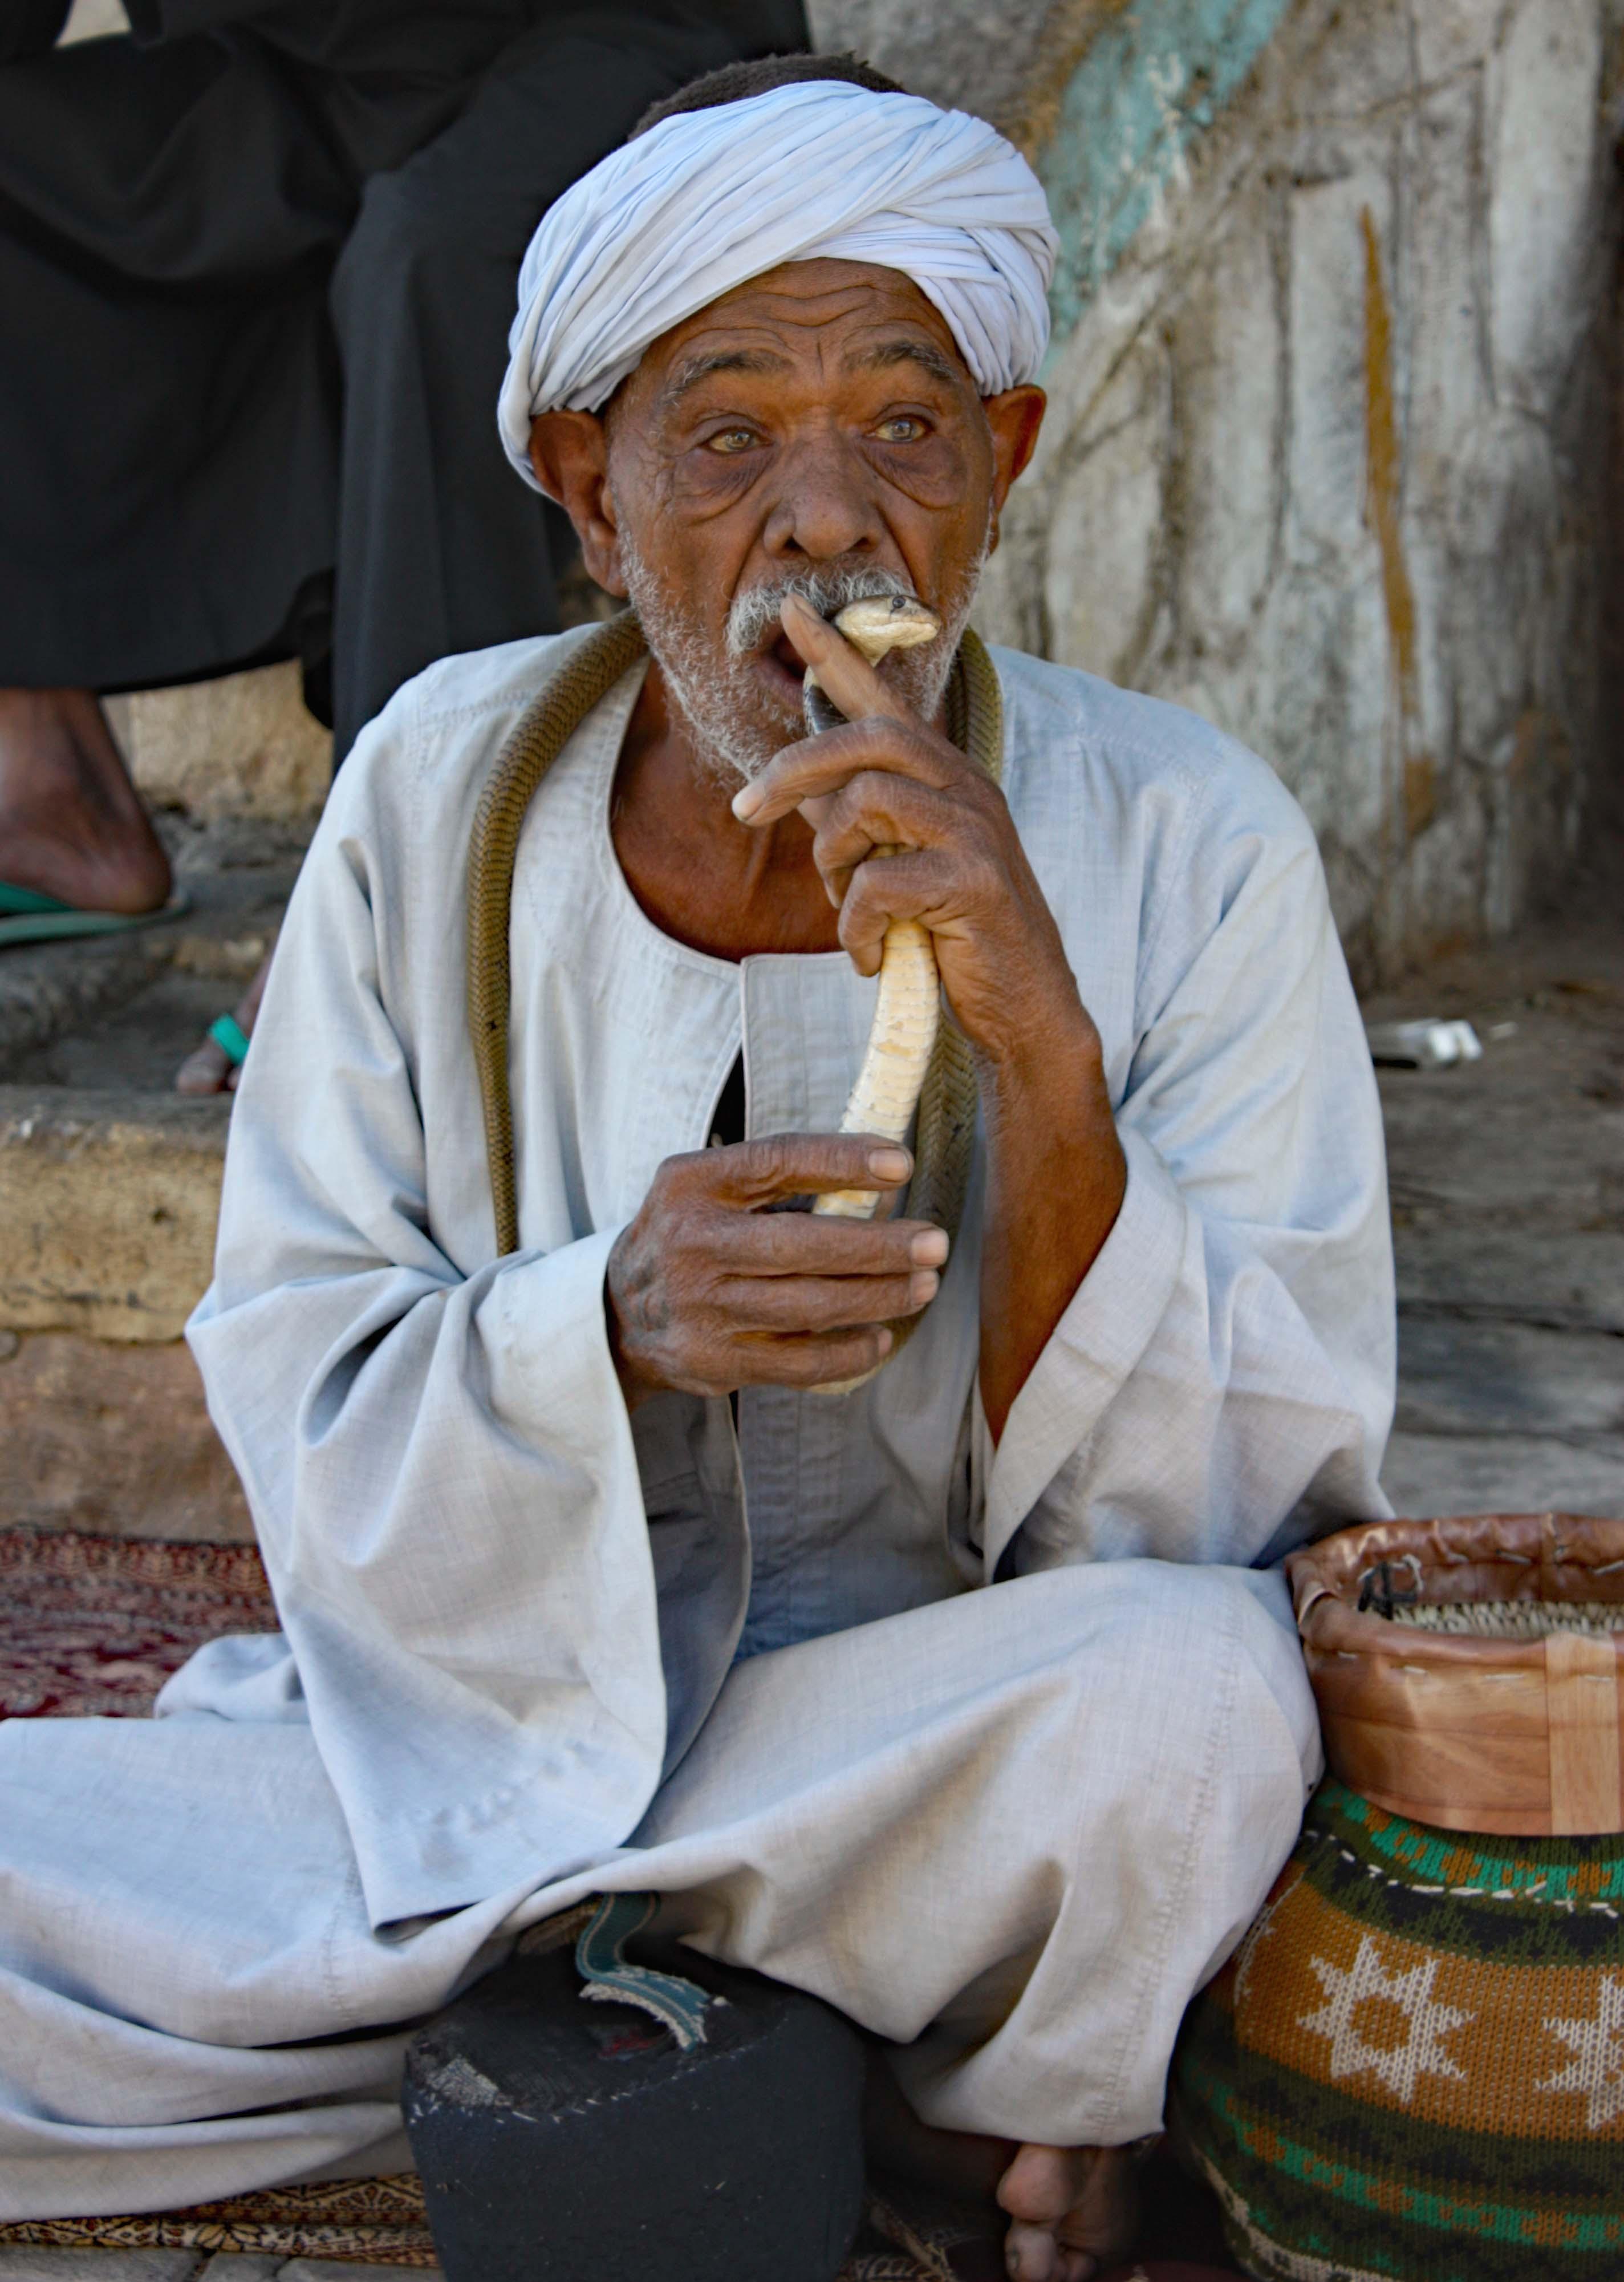 Egyptian snakehandler